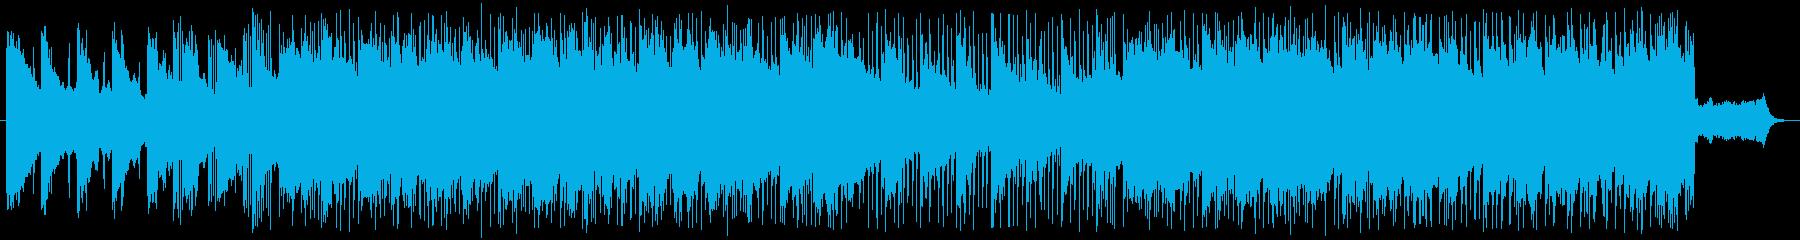 キラキラの水の中にいるようなギターポップの再生済みの波形